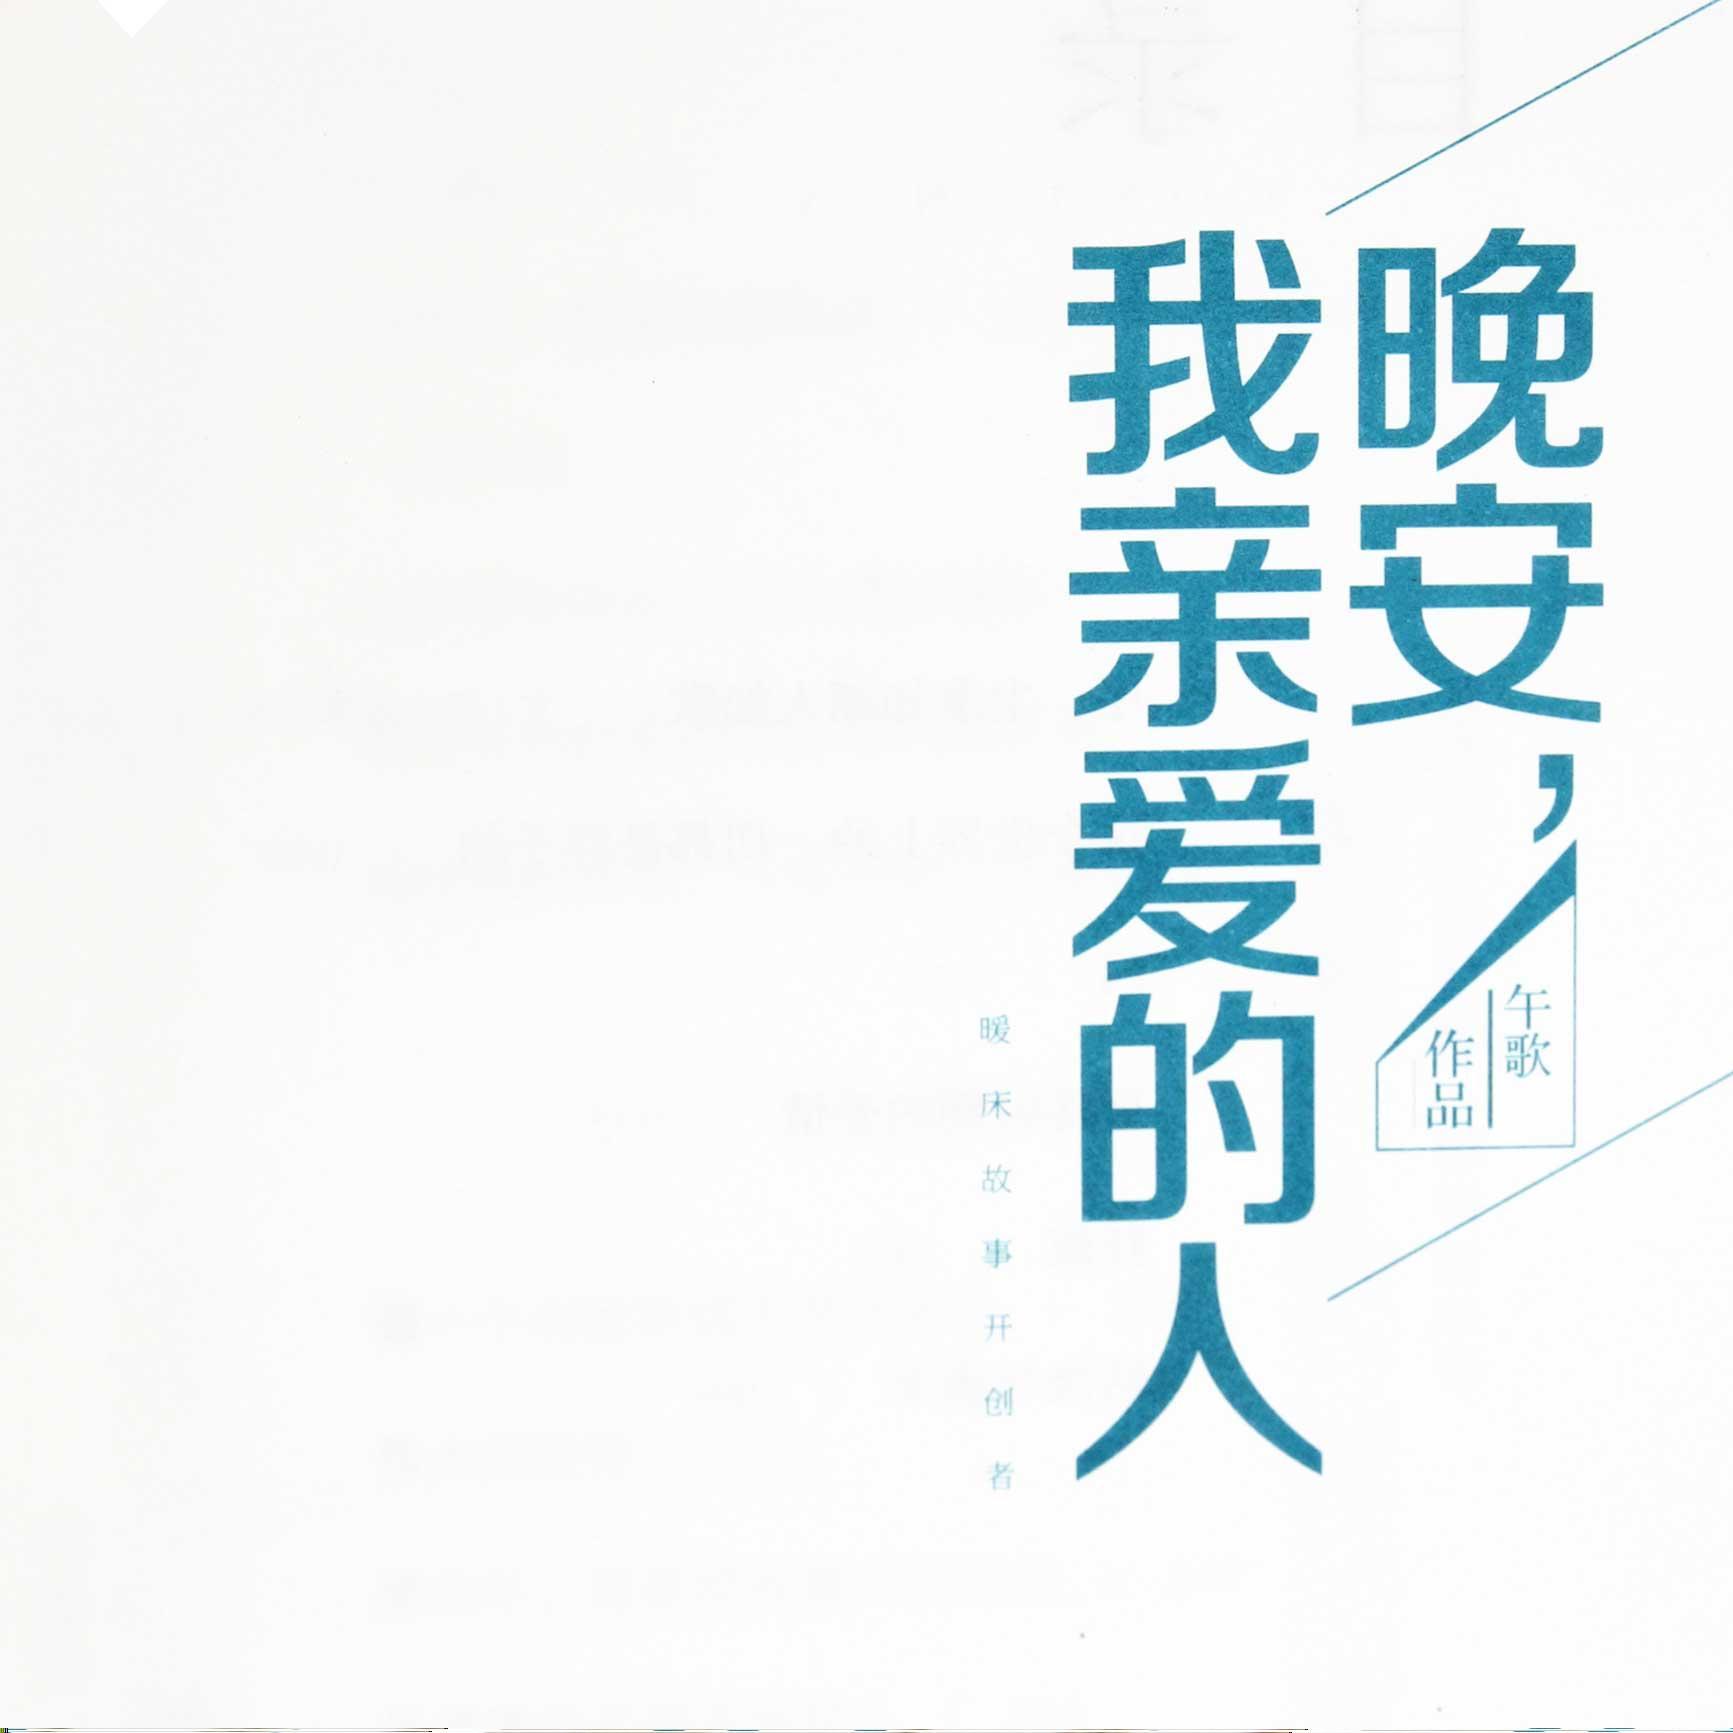 我在济南,最近在读《晚安,我亲爱的人》